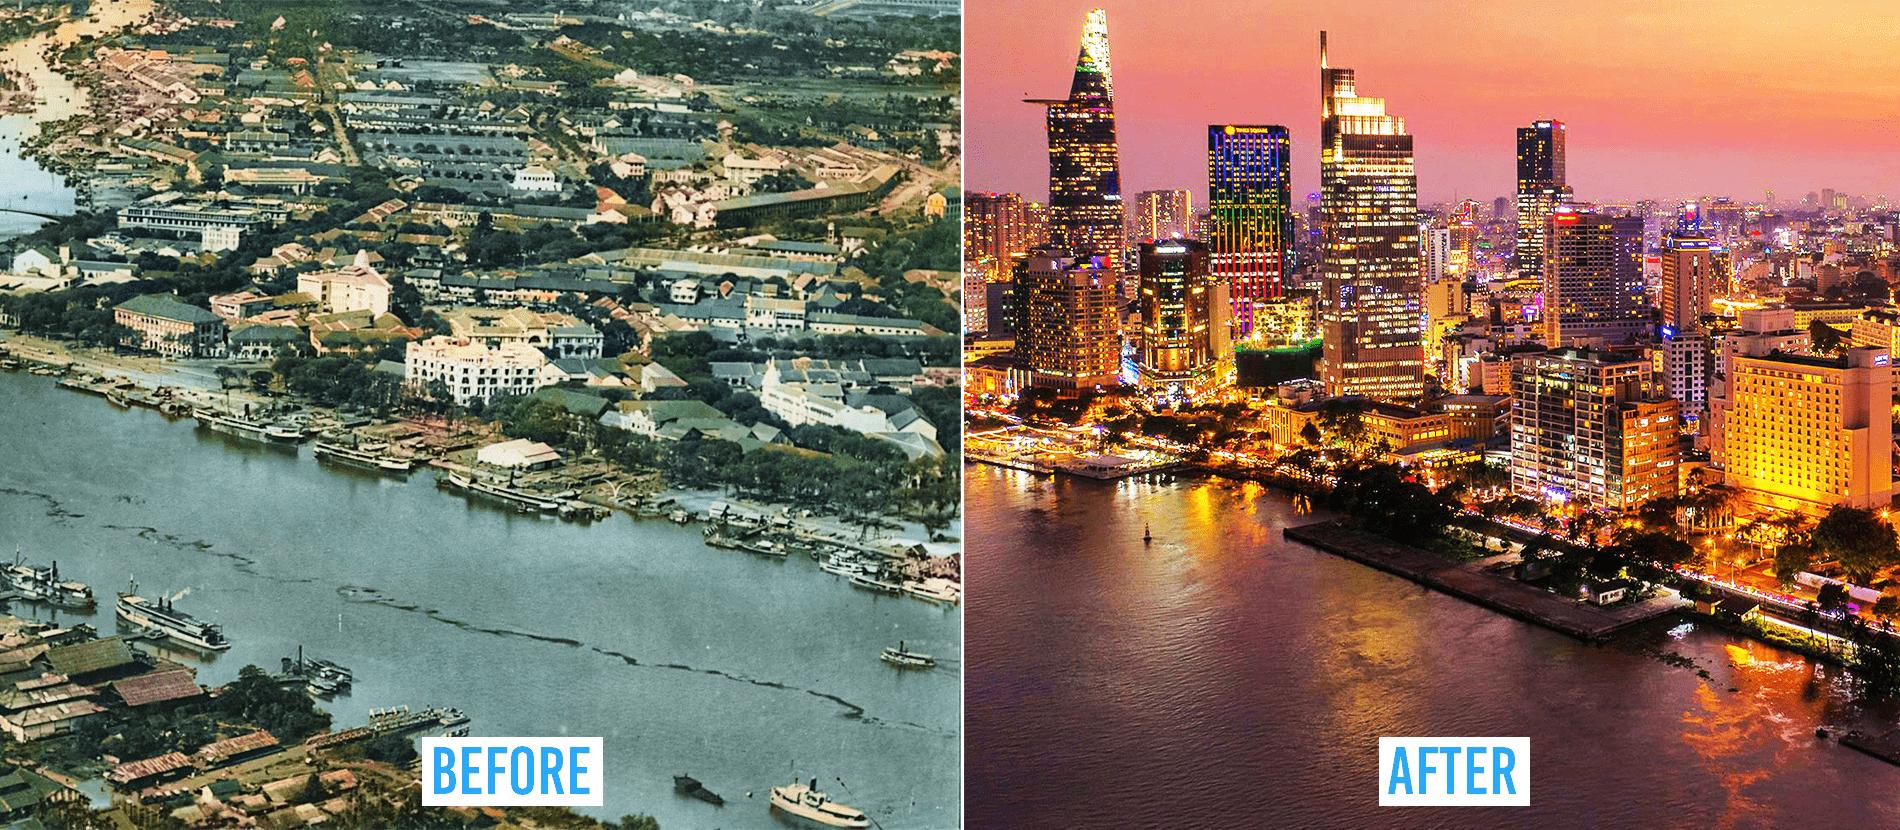 Saigon then and now_Bach Dang wharf